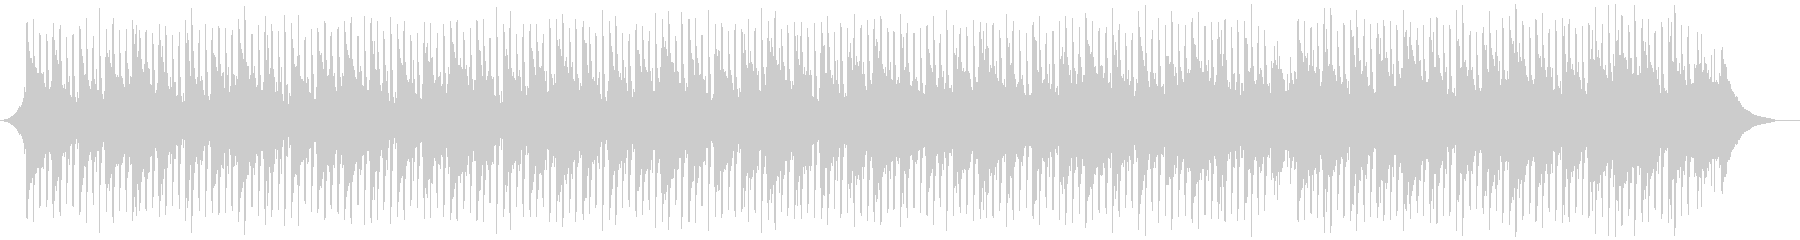 ミニマルの未再生の波形